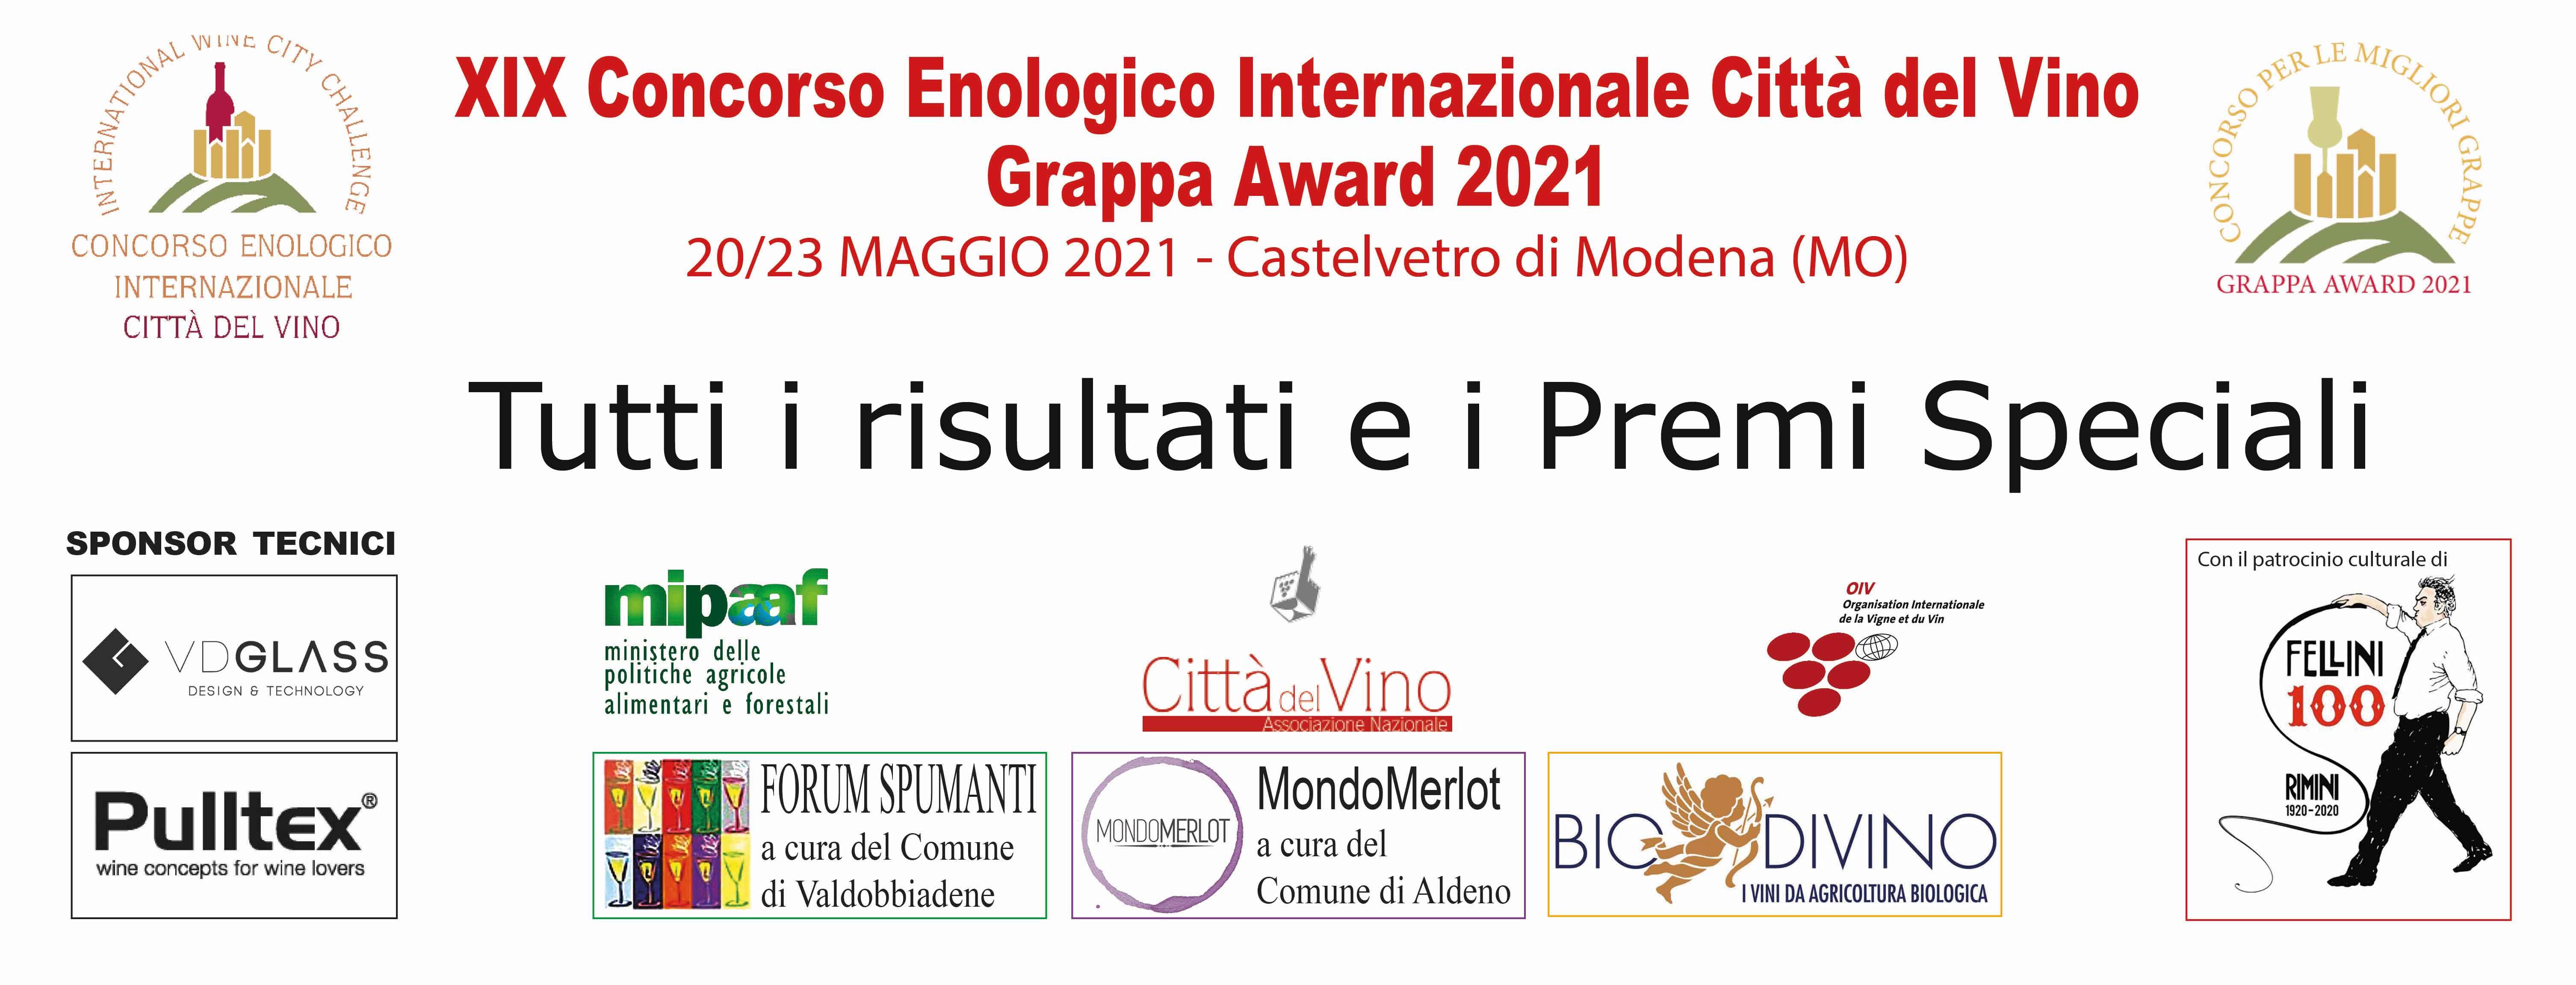 I risultati del Concorso Enologico Internazionale Città del Vino 2021